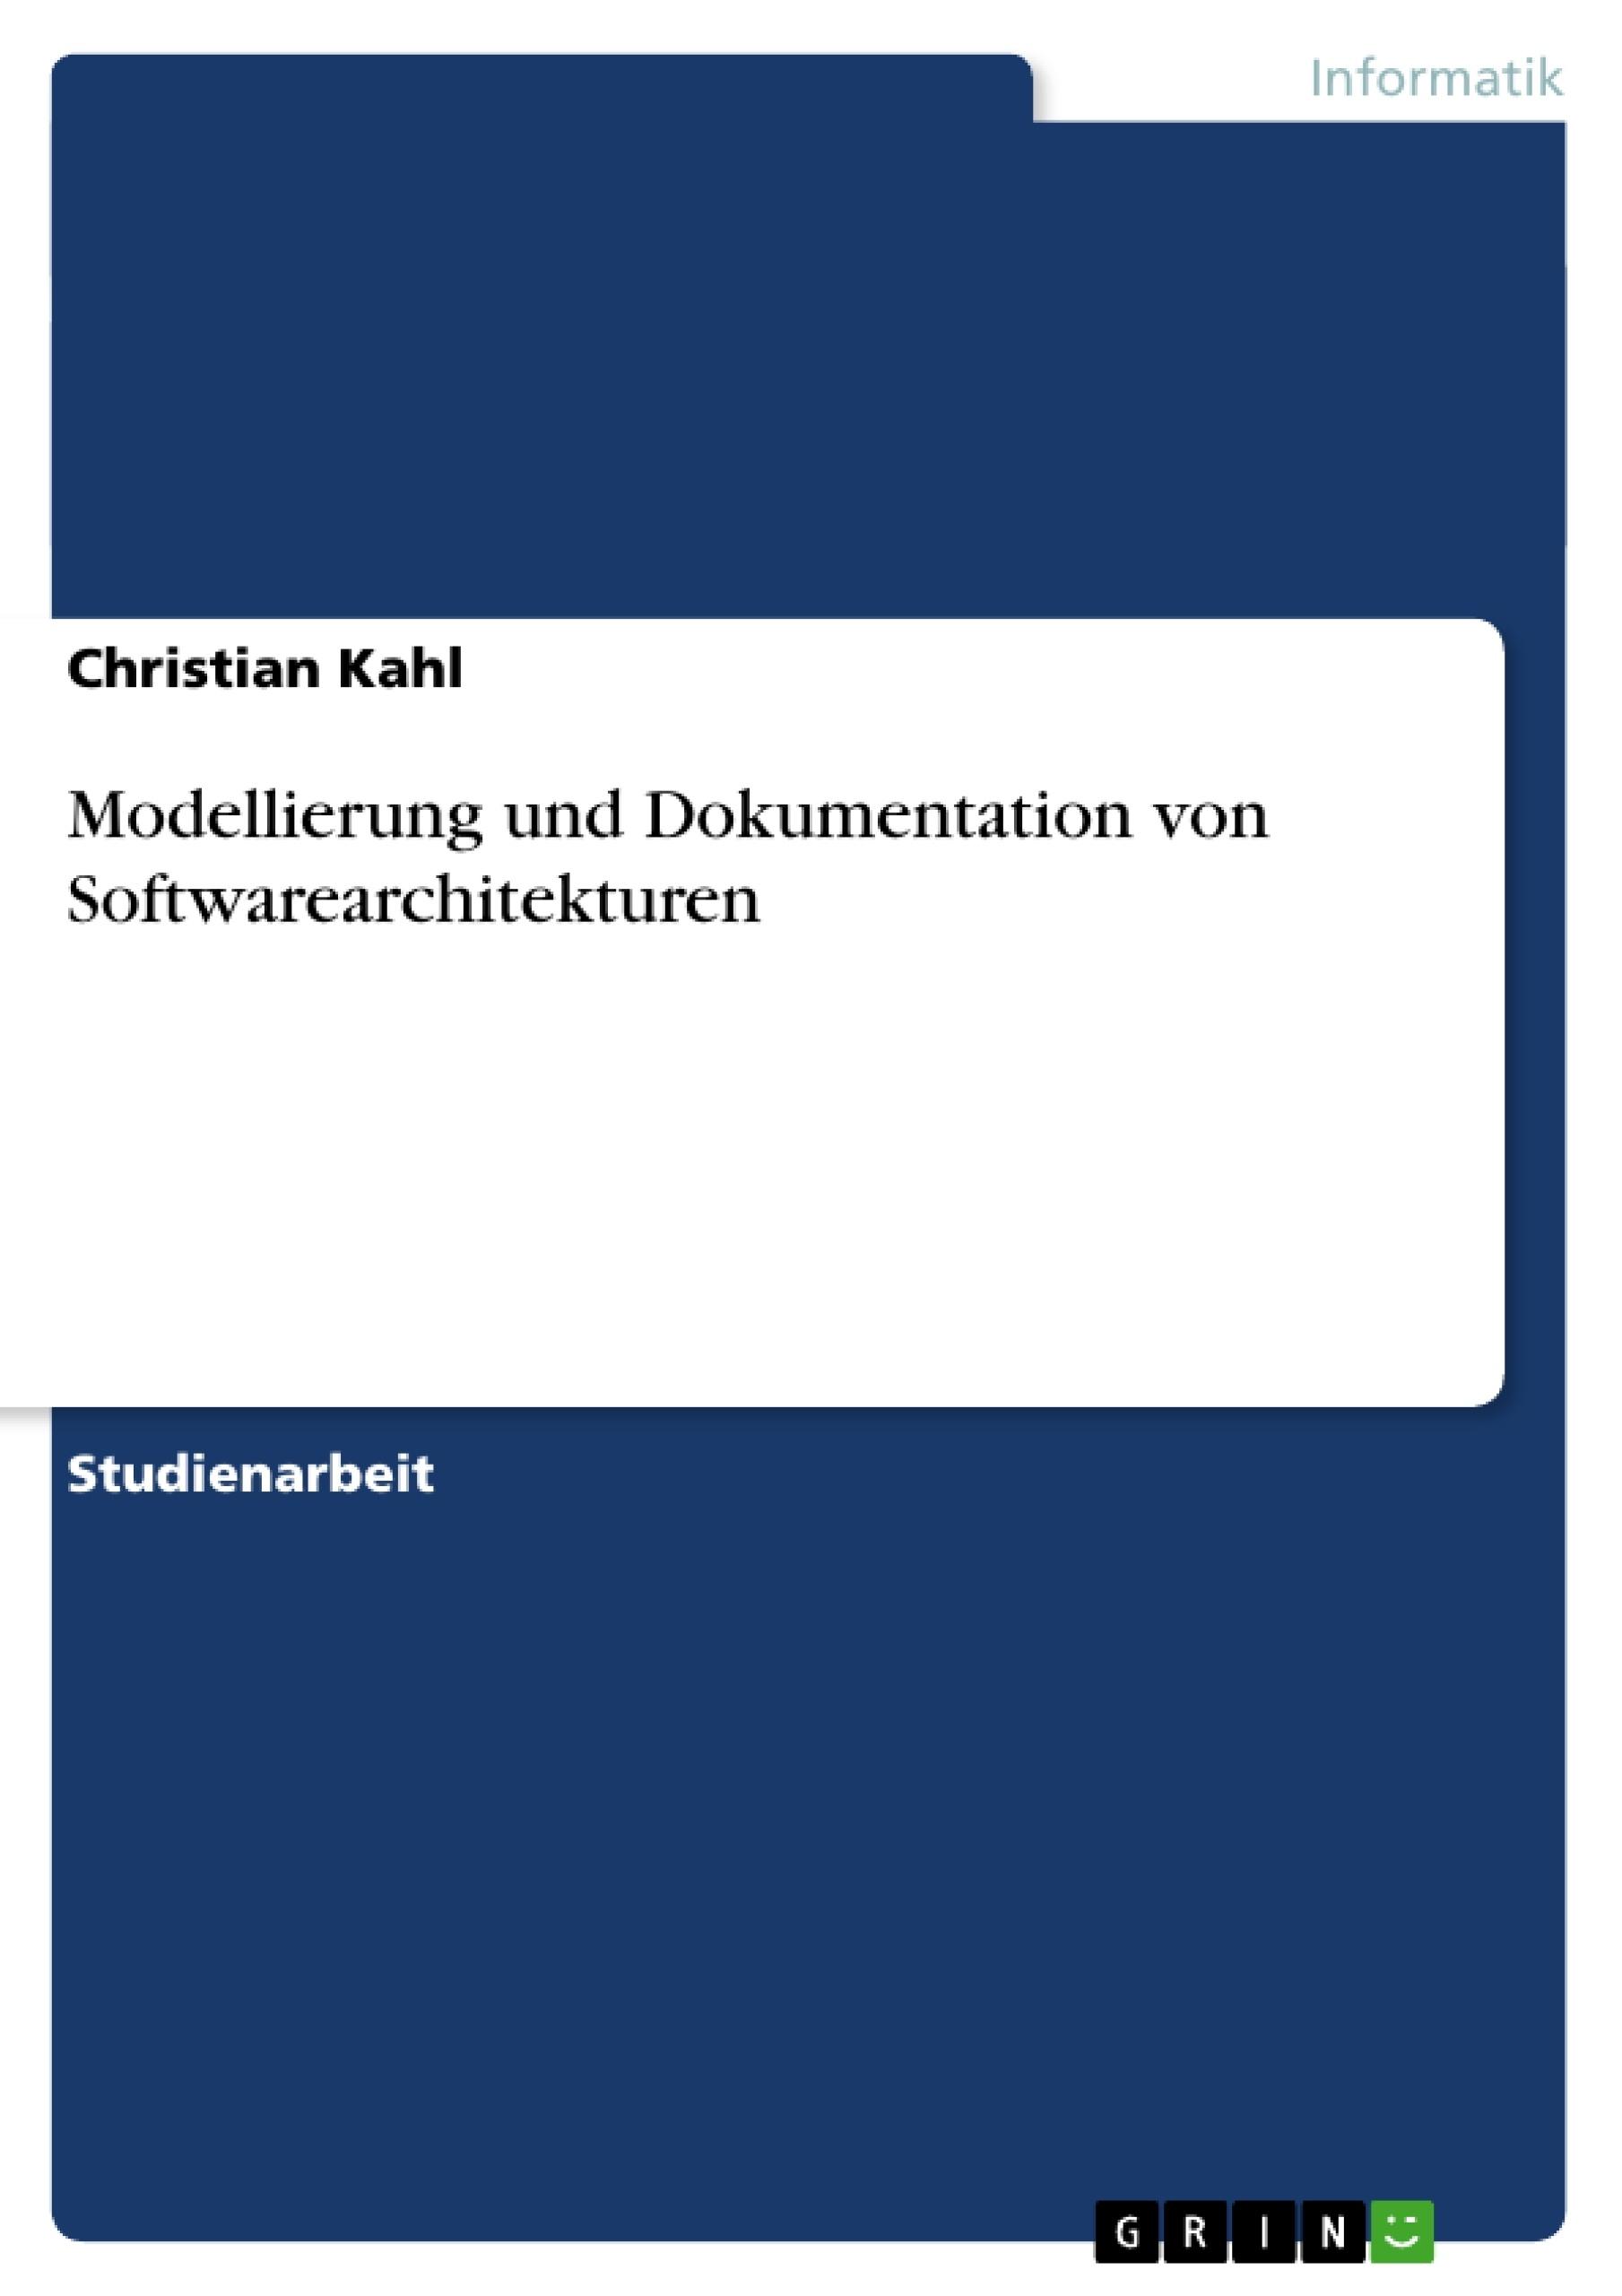 Titel: Modellierung und Dokumentation von Softwarearchitekturen